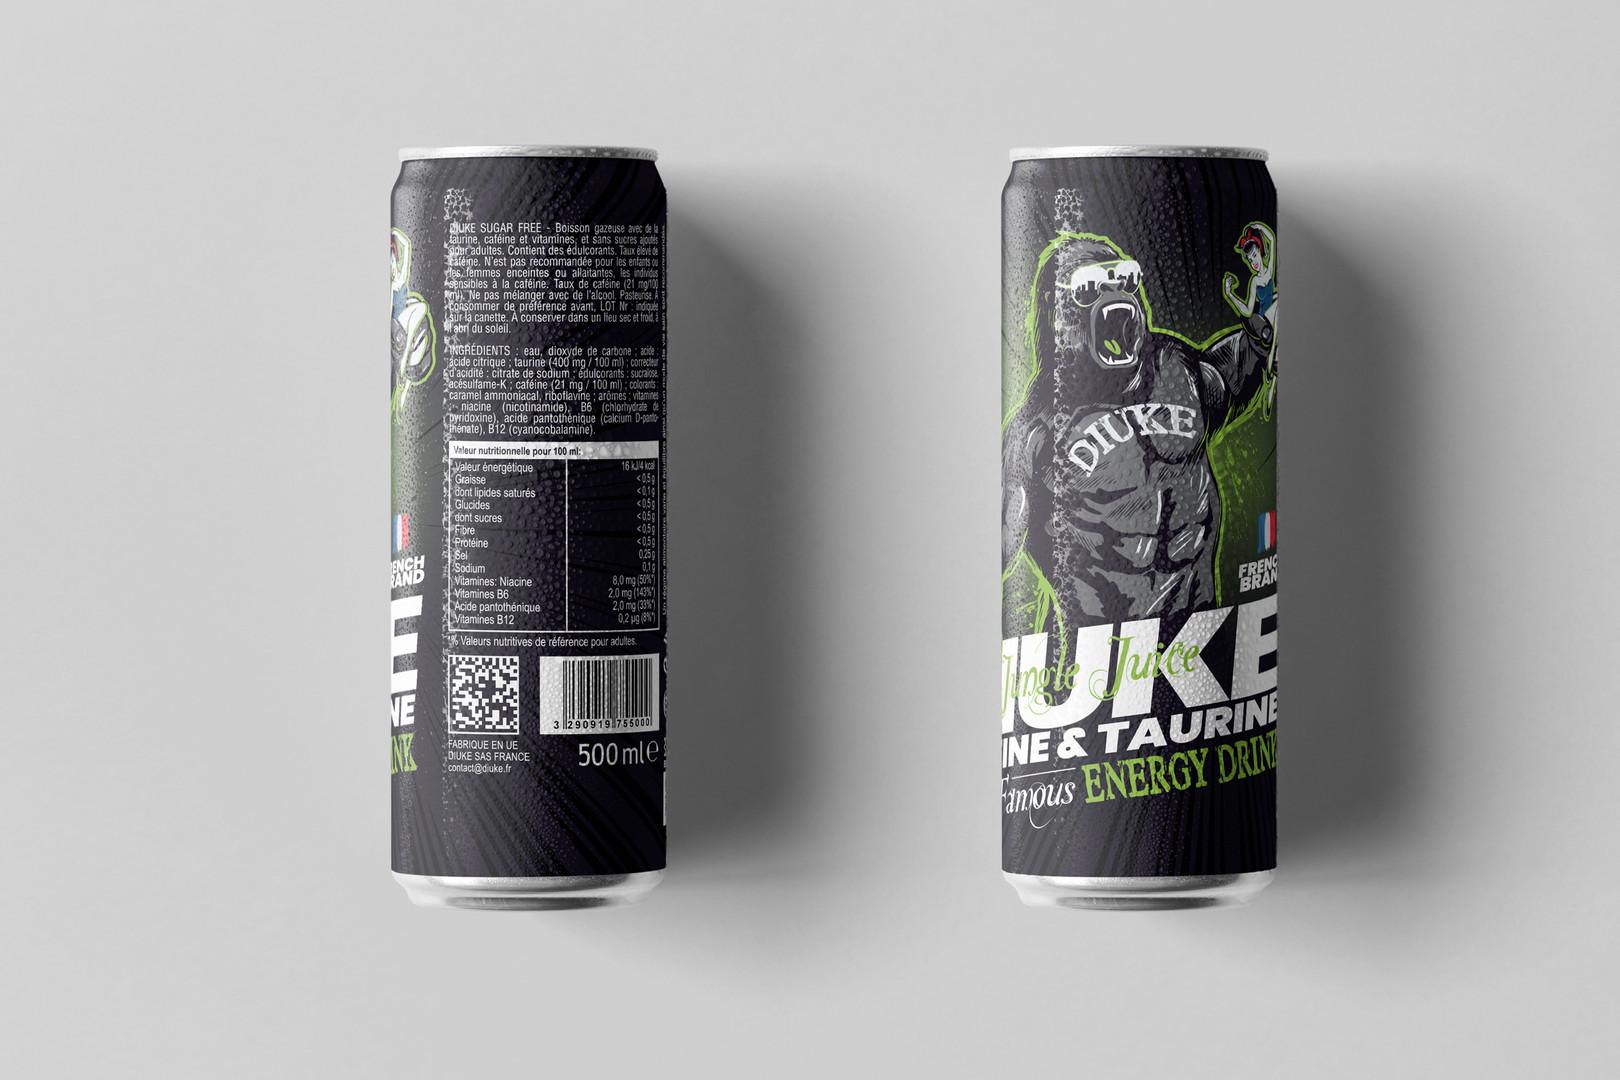 canette diuke energy drink